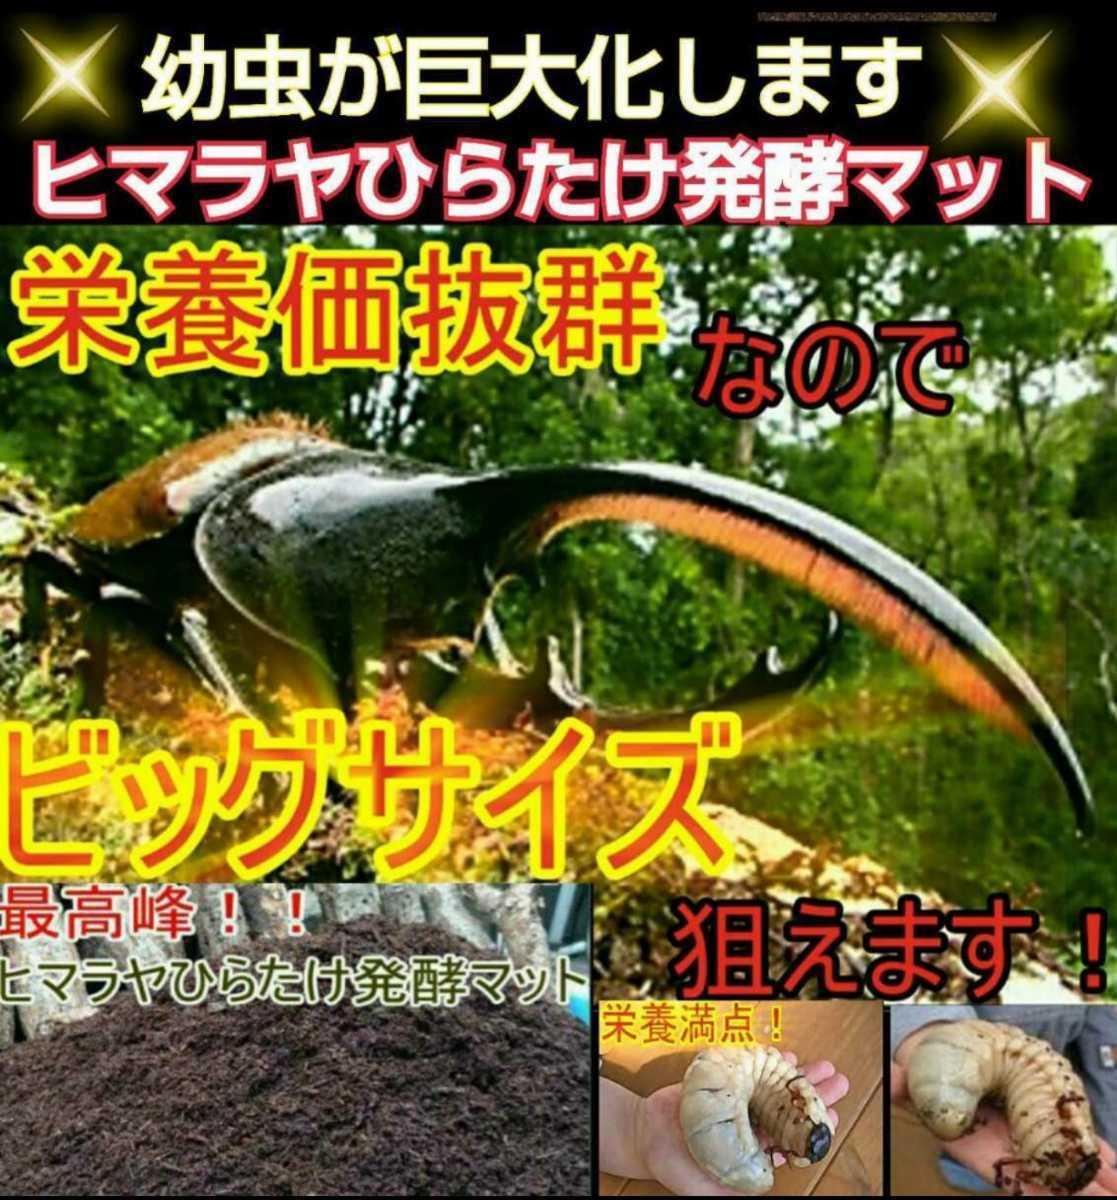 ヘラクレスもビッグサイズになります!ヒマラヤひらたけ菌床発酵カブトムシマット!栄養価抜群!クヌギ100%原料 幼虫の餌、産卵マットに!_画像4